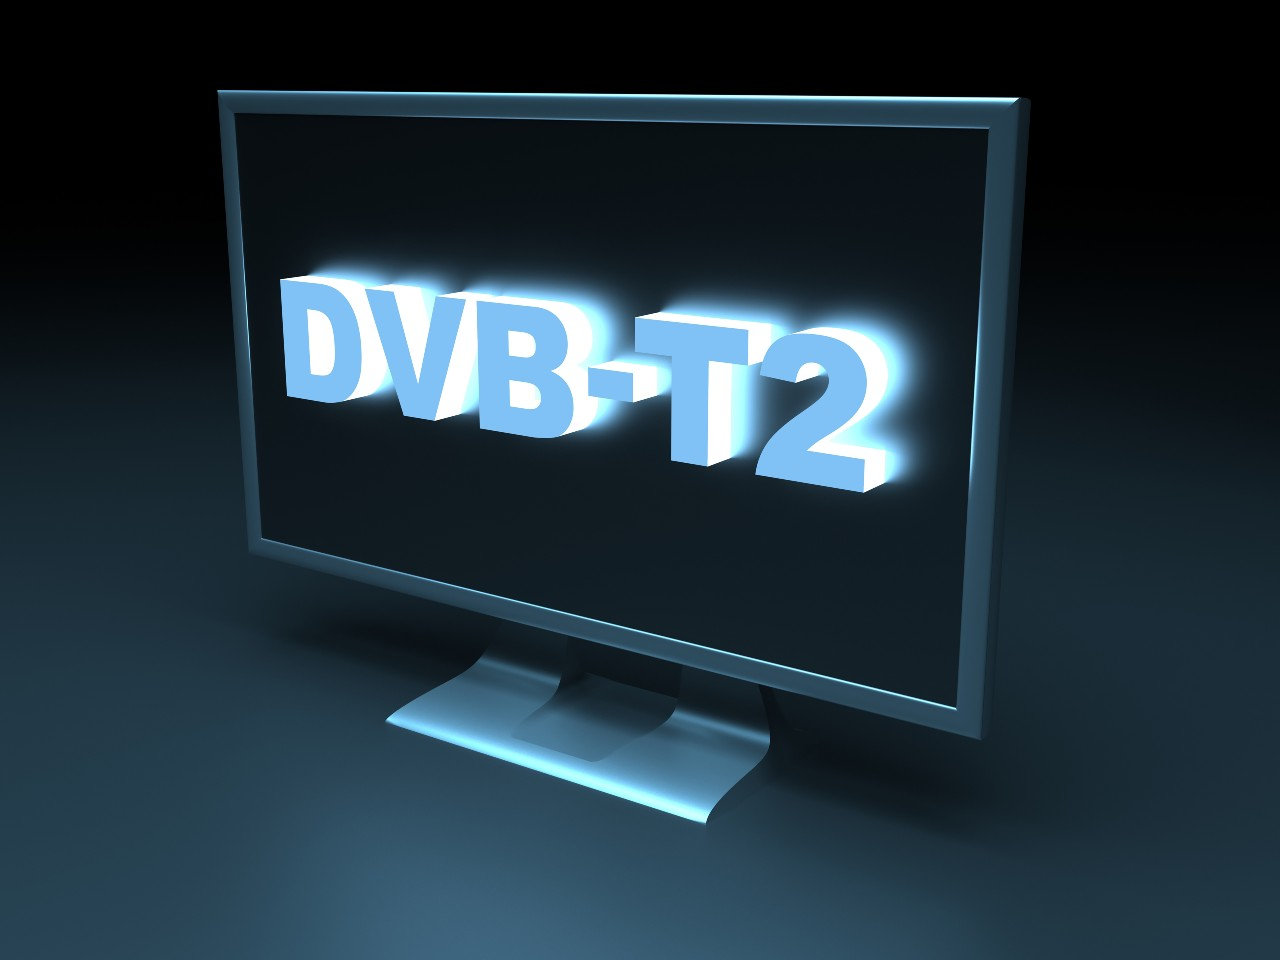 DVB-T2, il digitale terrestre di nuova generazione arriverà soltanto nel 2023 (Adobe Stock)